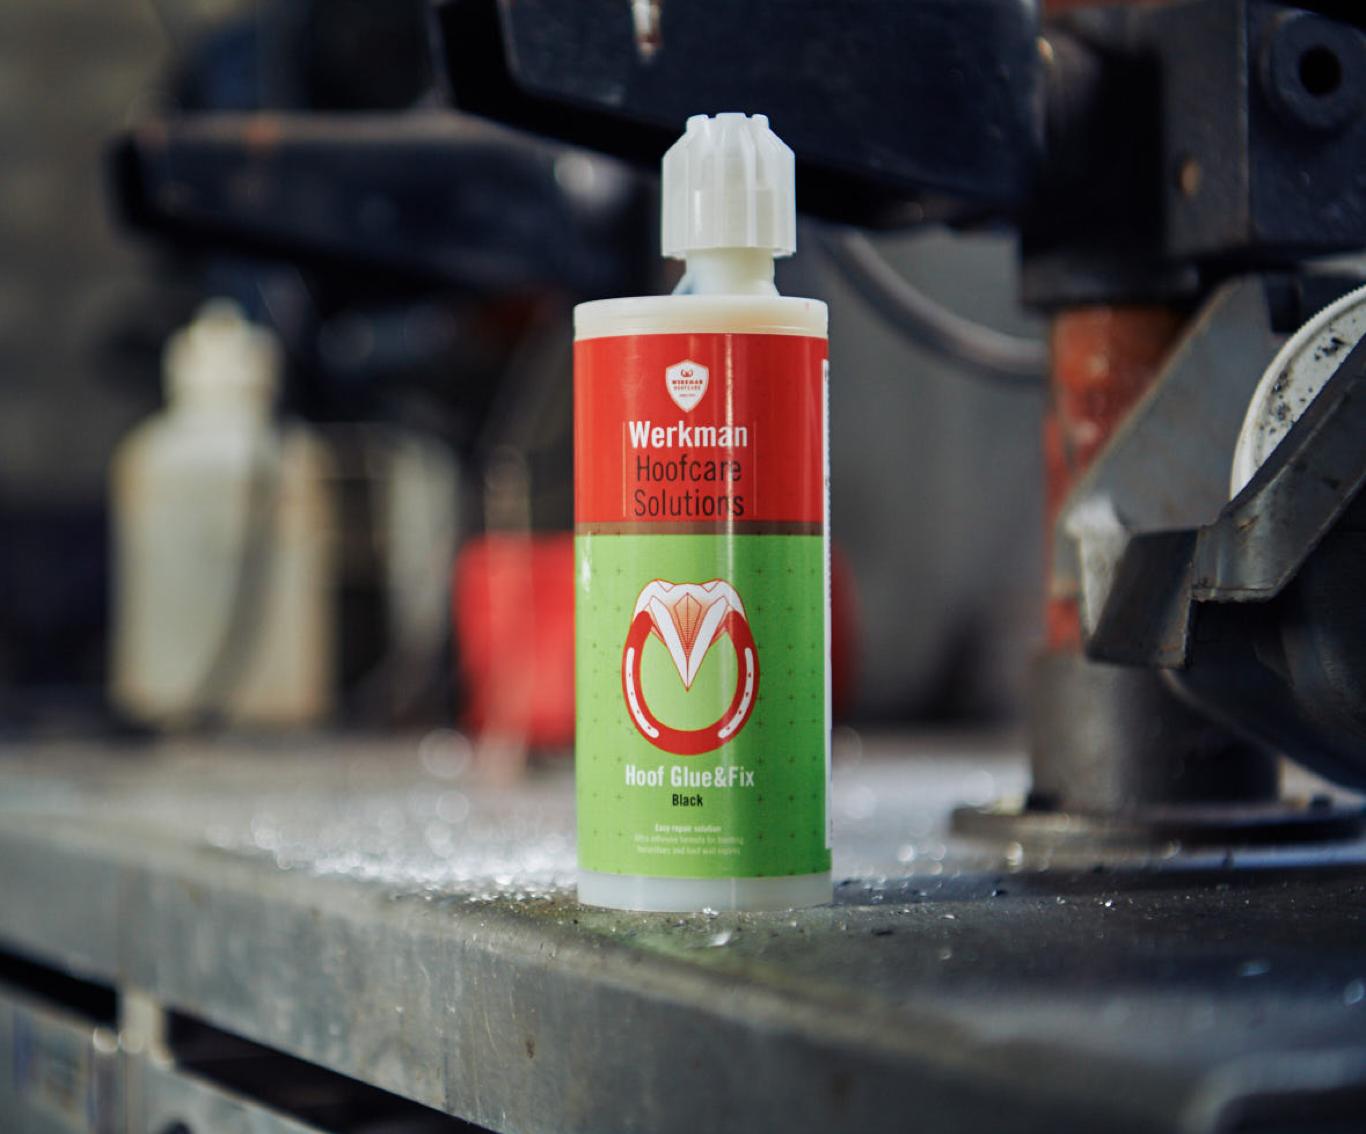 Werkman Hoofcare Hoof glue & fix 150 ml